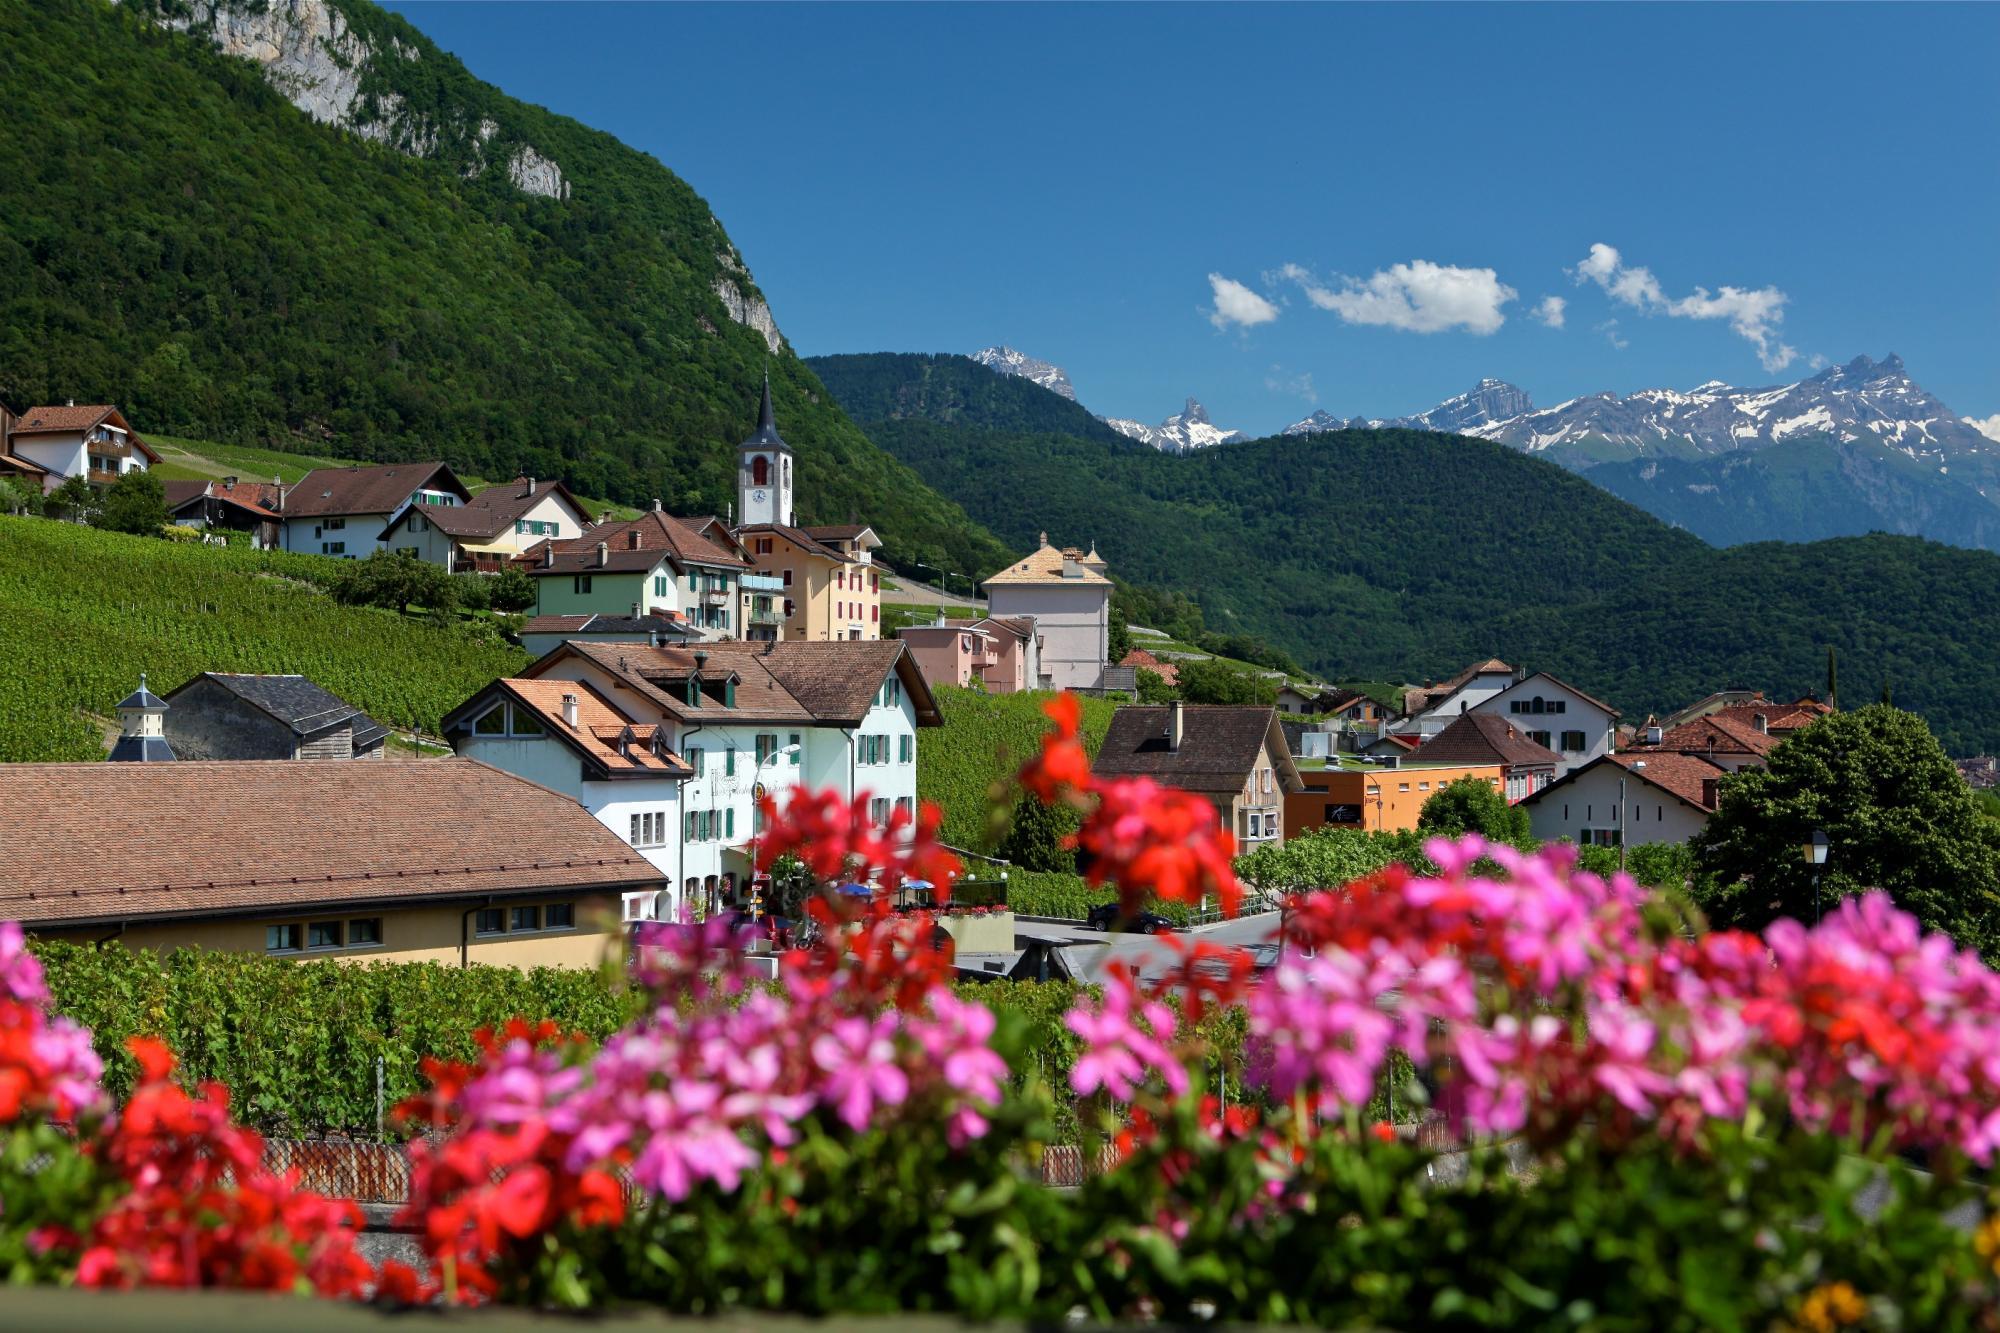 Yvorne, classé parmi les plus beaux villages de Suisse